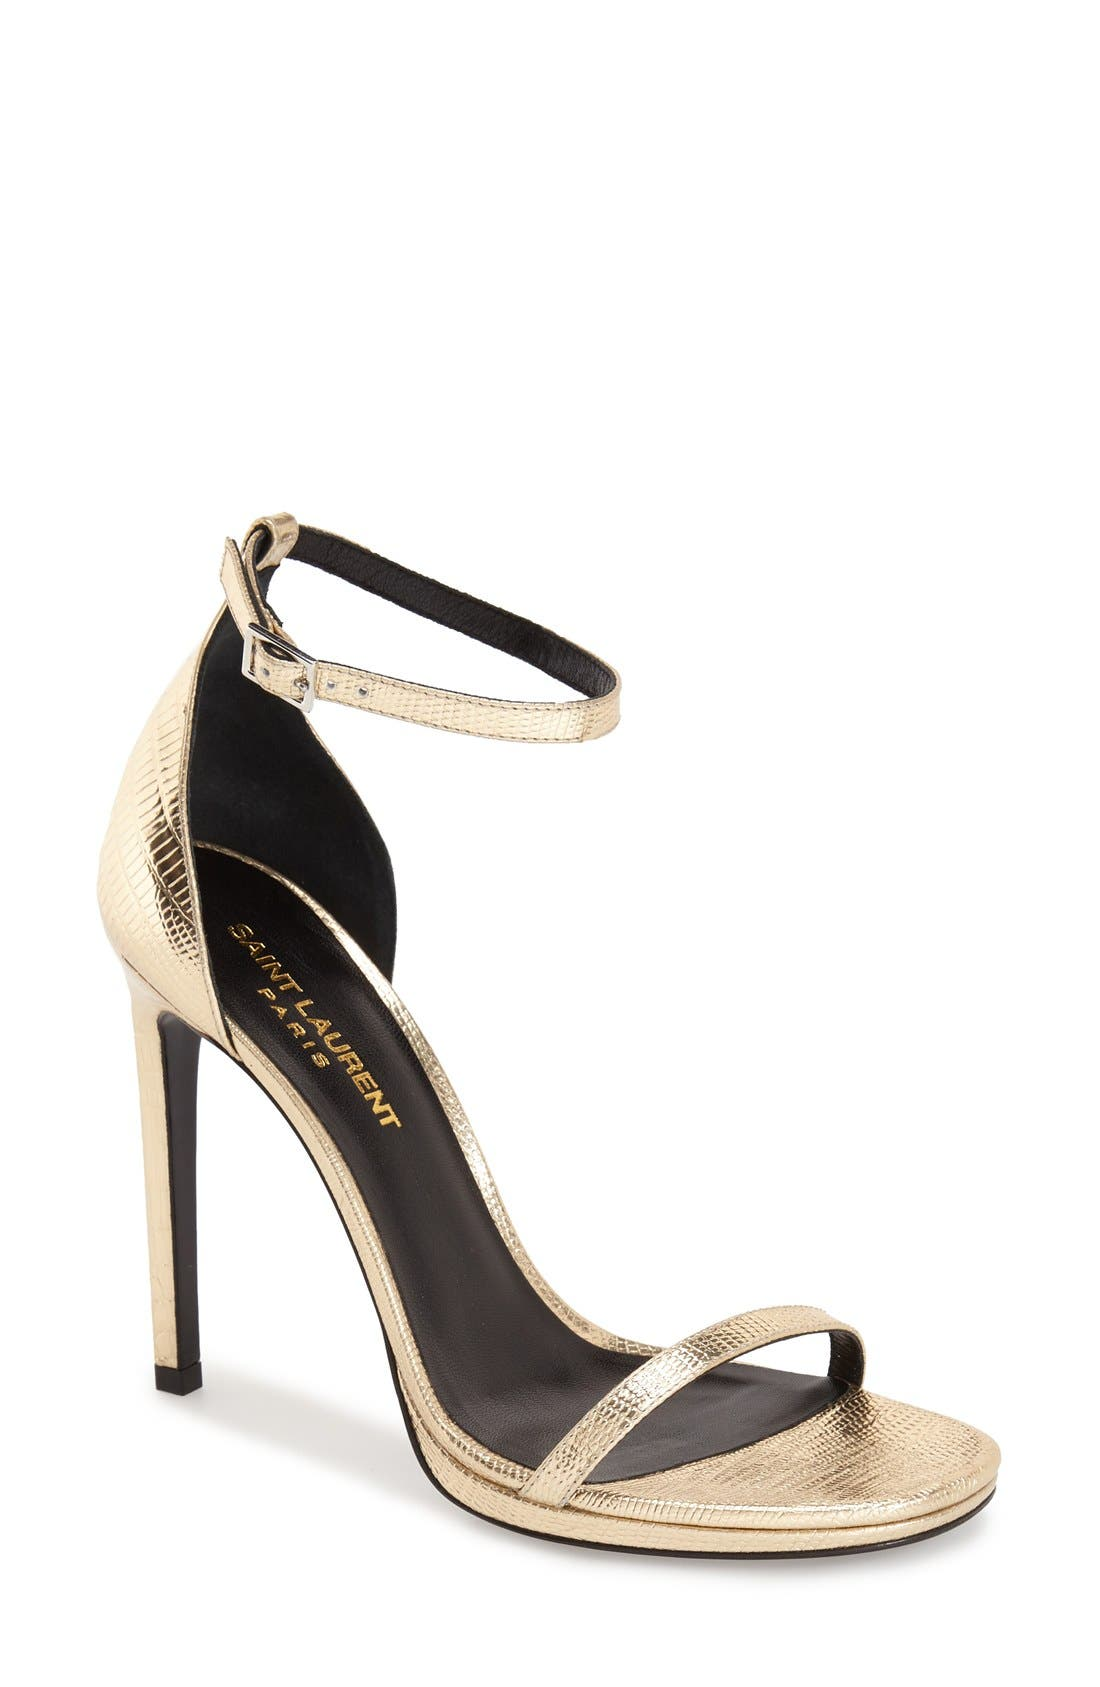 Main Image - Saint Laurent 'Jane' Ankle Strap Leather Sandal (Women)